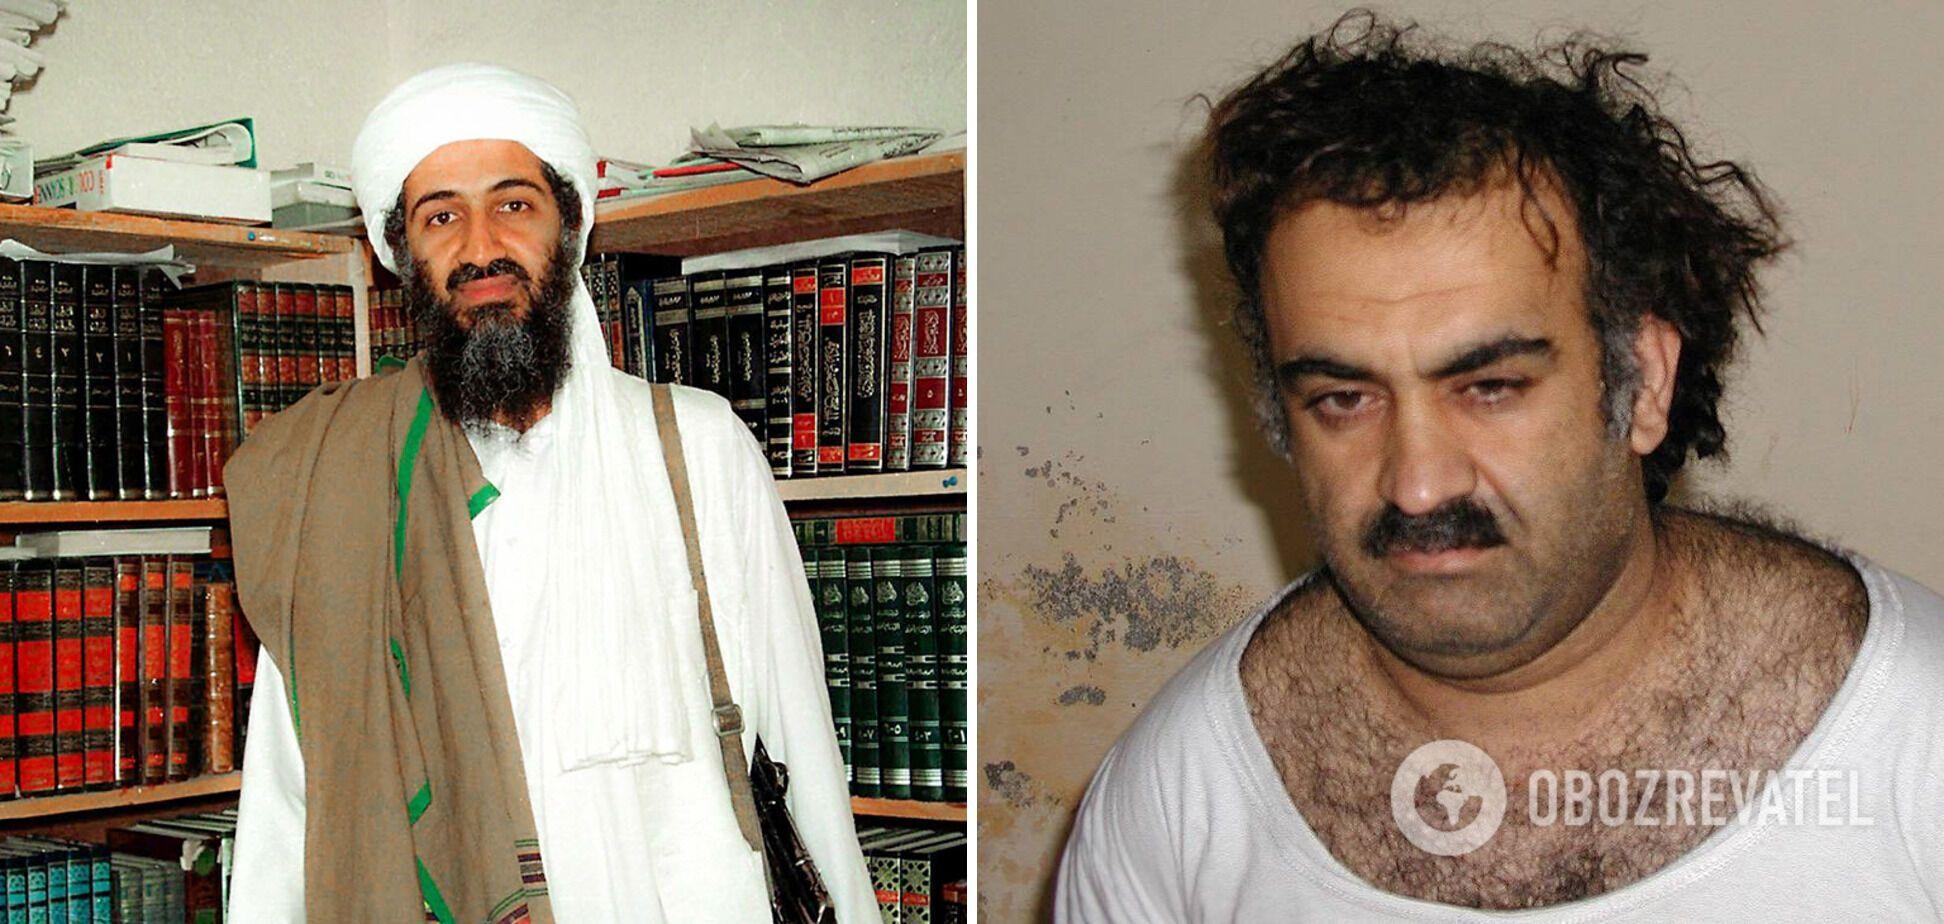 Слева – Усама бен Ладен; справа – Халид Шейх Мохаммед